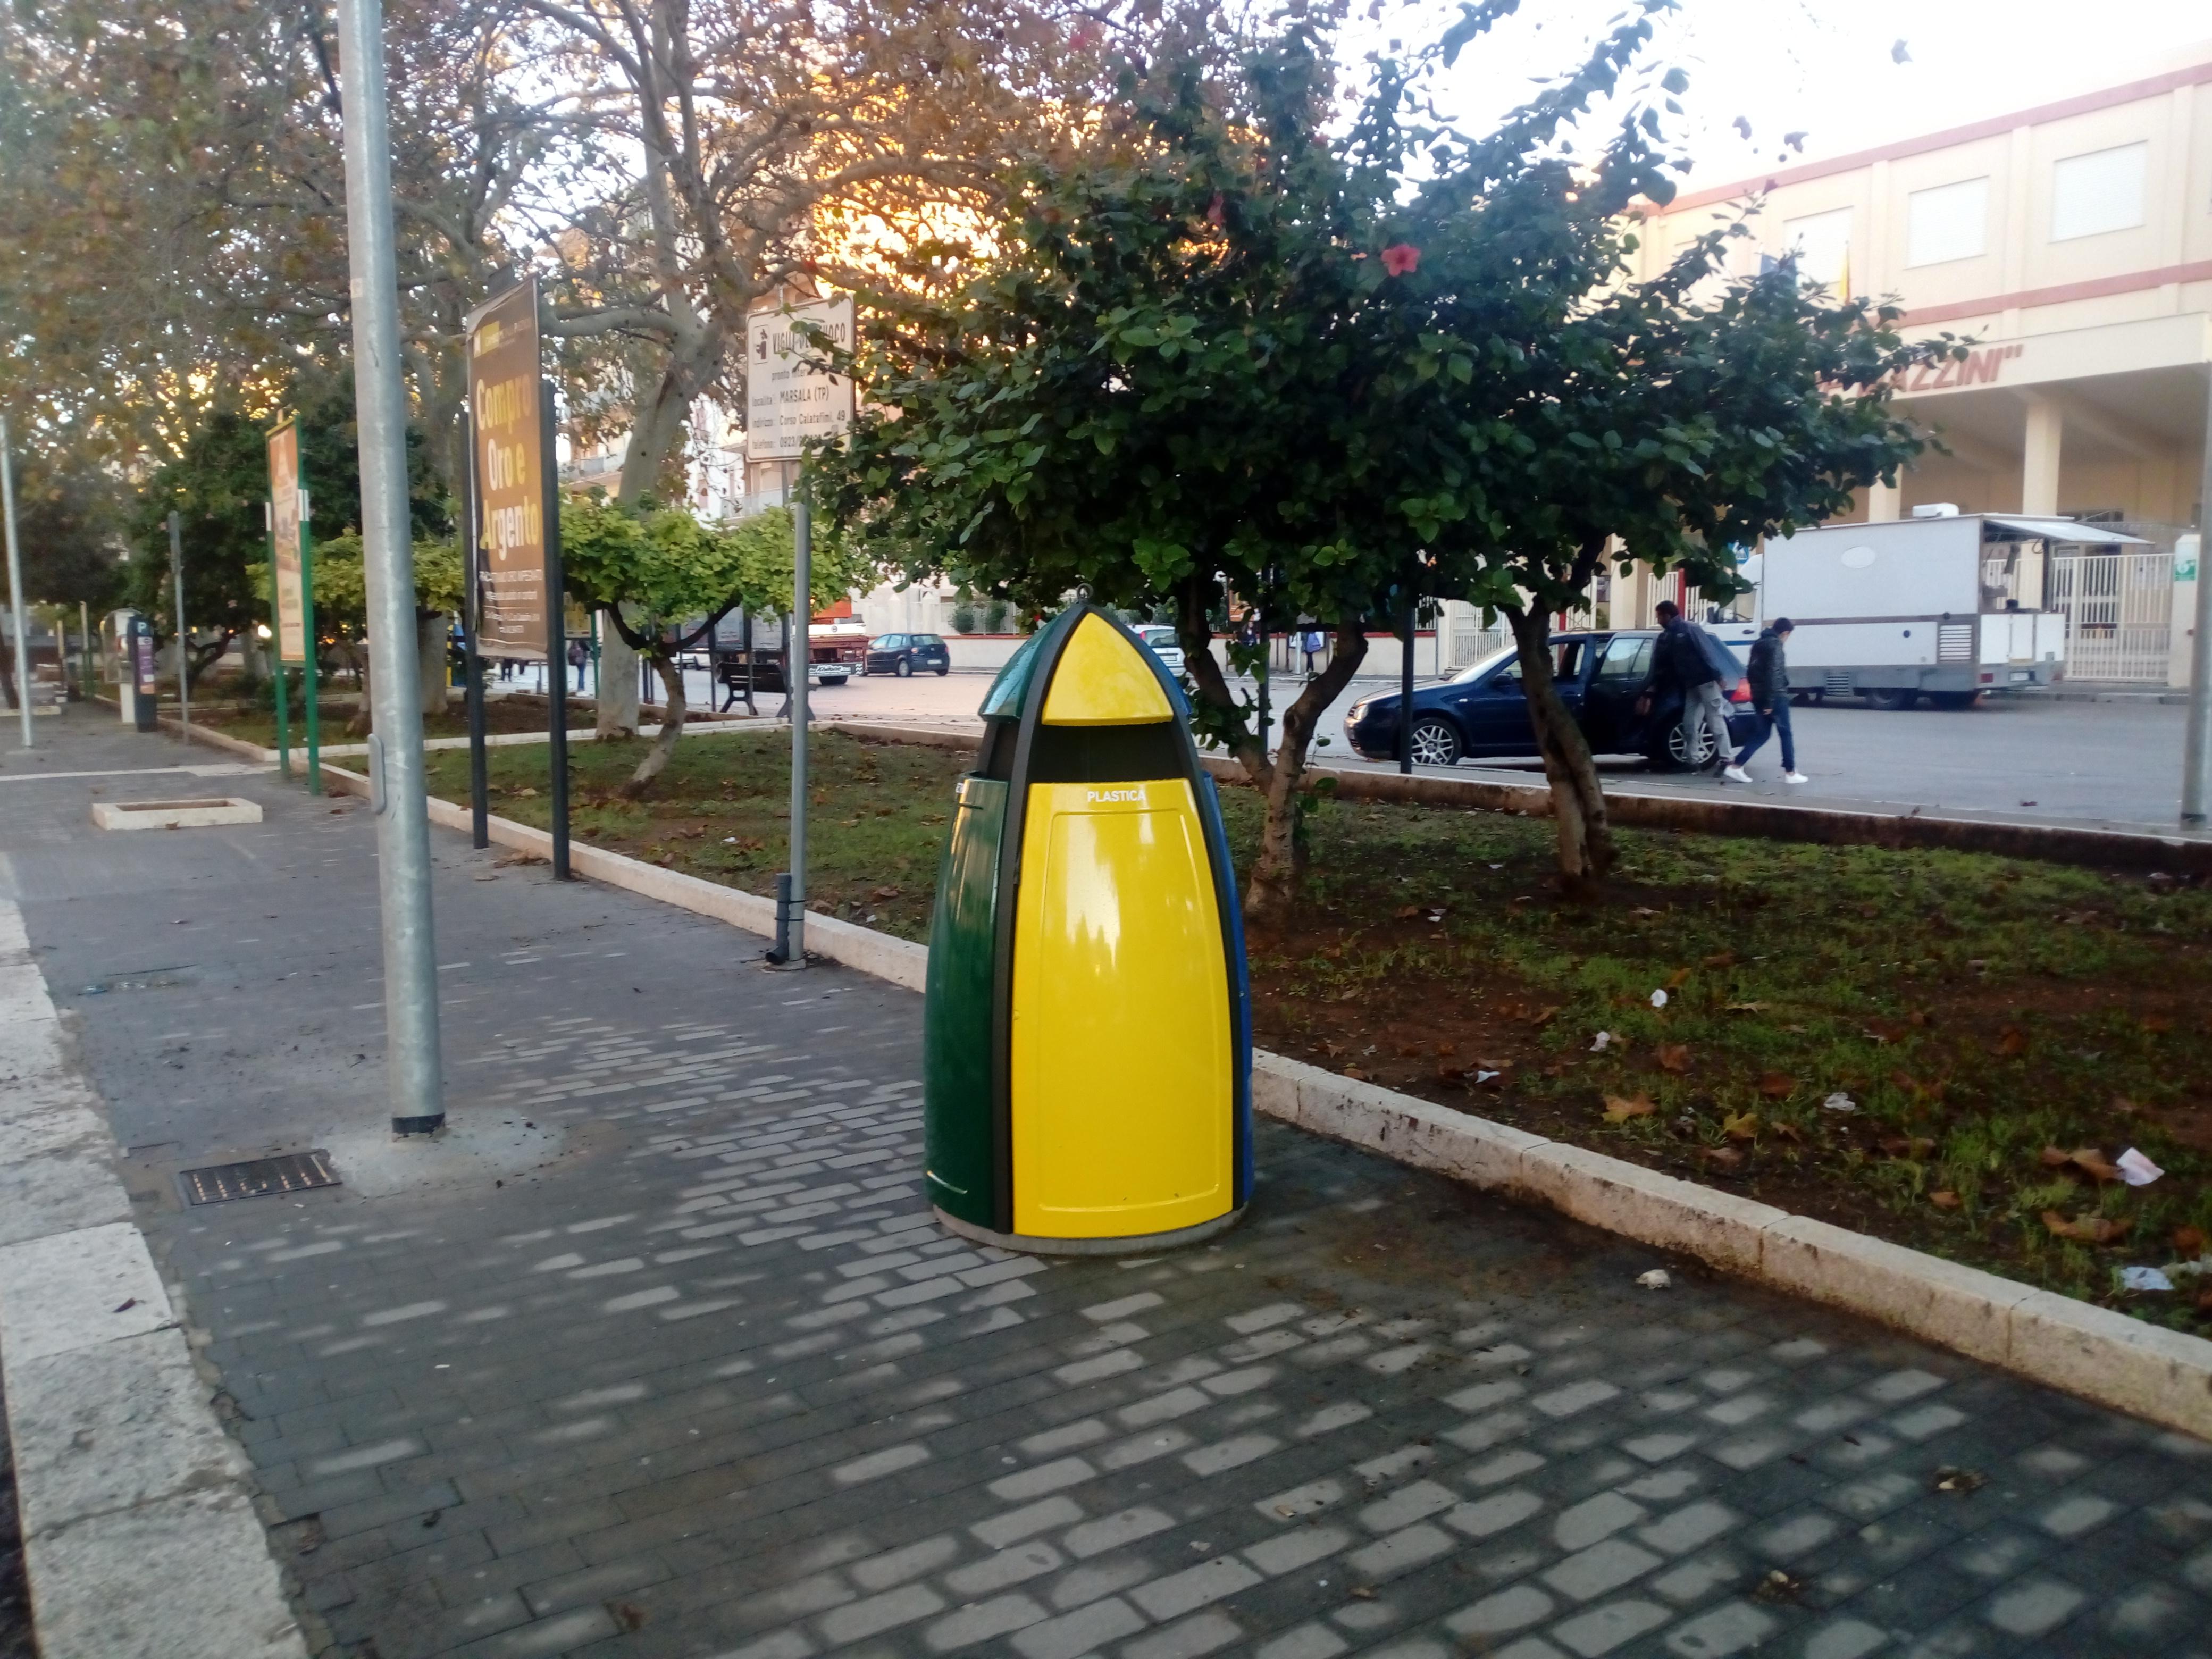 Marsala, collocati nuovi raccoglitori della spazzatura nel centro urbano